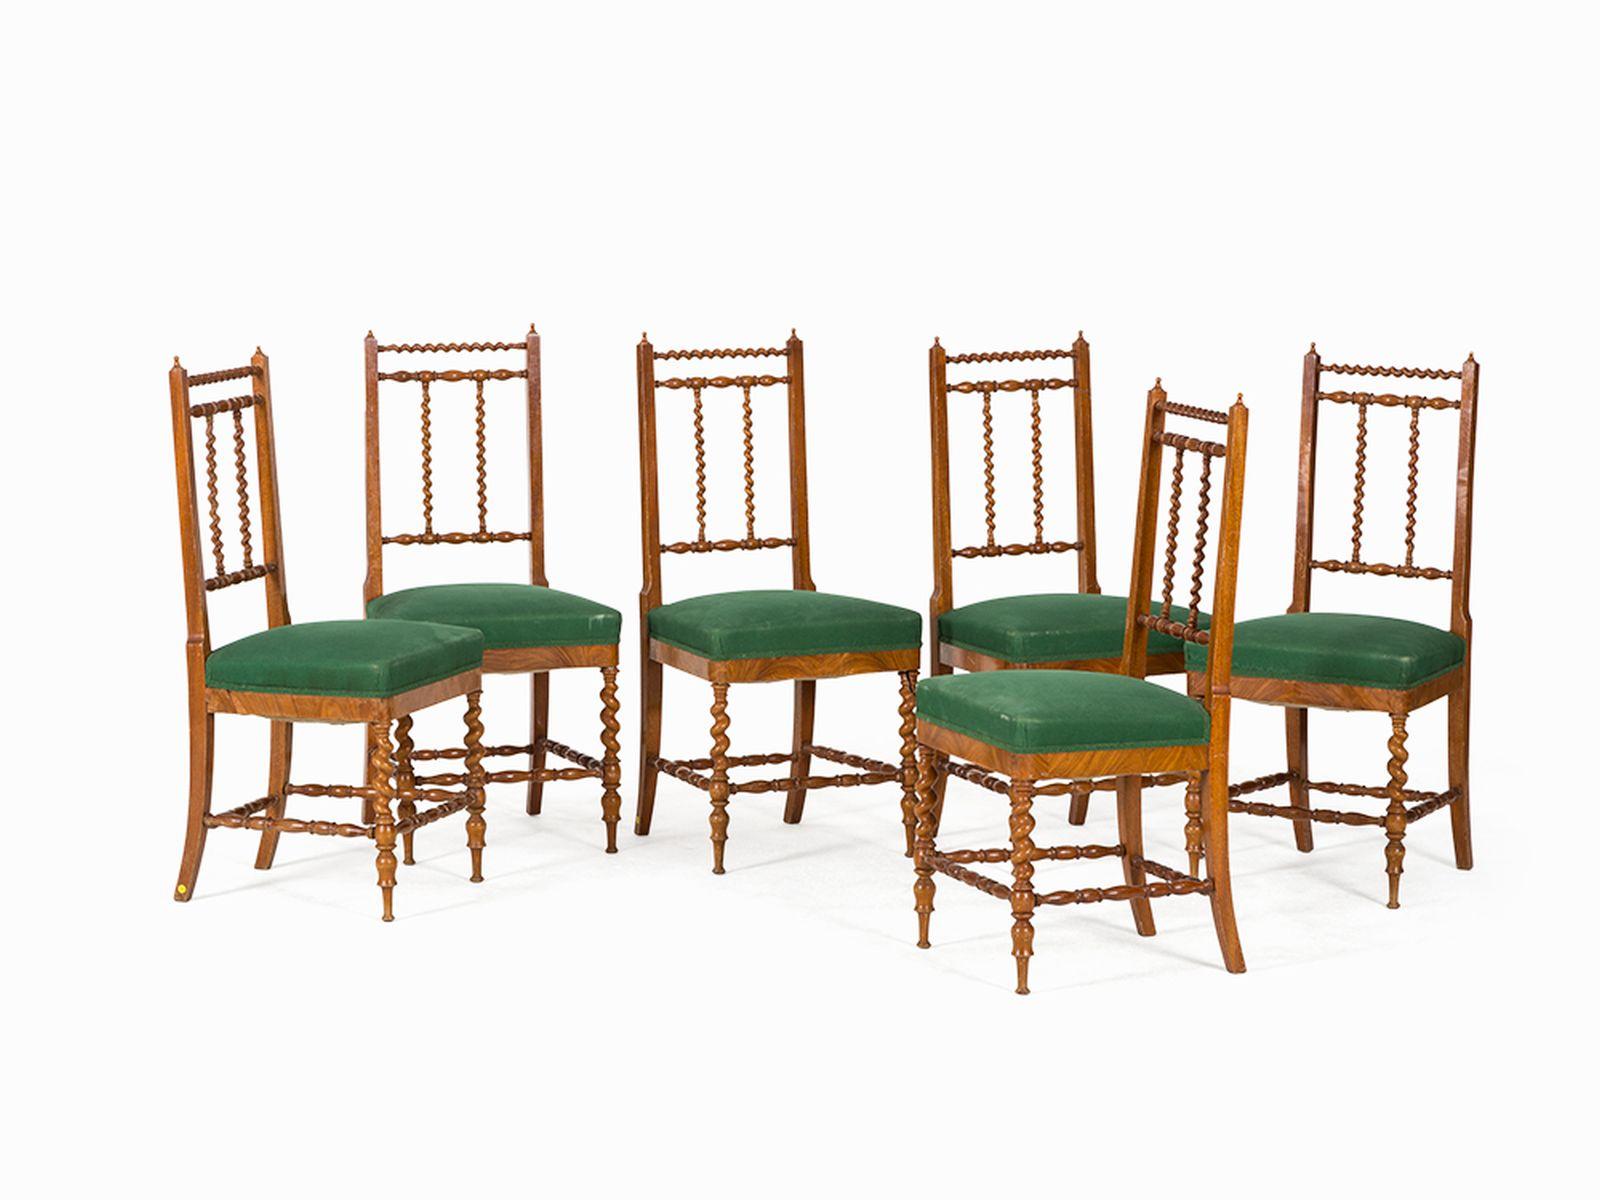 #20 Set of 6 Chairs, Italy, Mid-19th C.   Satz von 6 Stühlen, Italien, Mitte 19. Jh. Image